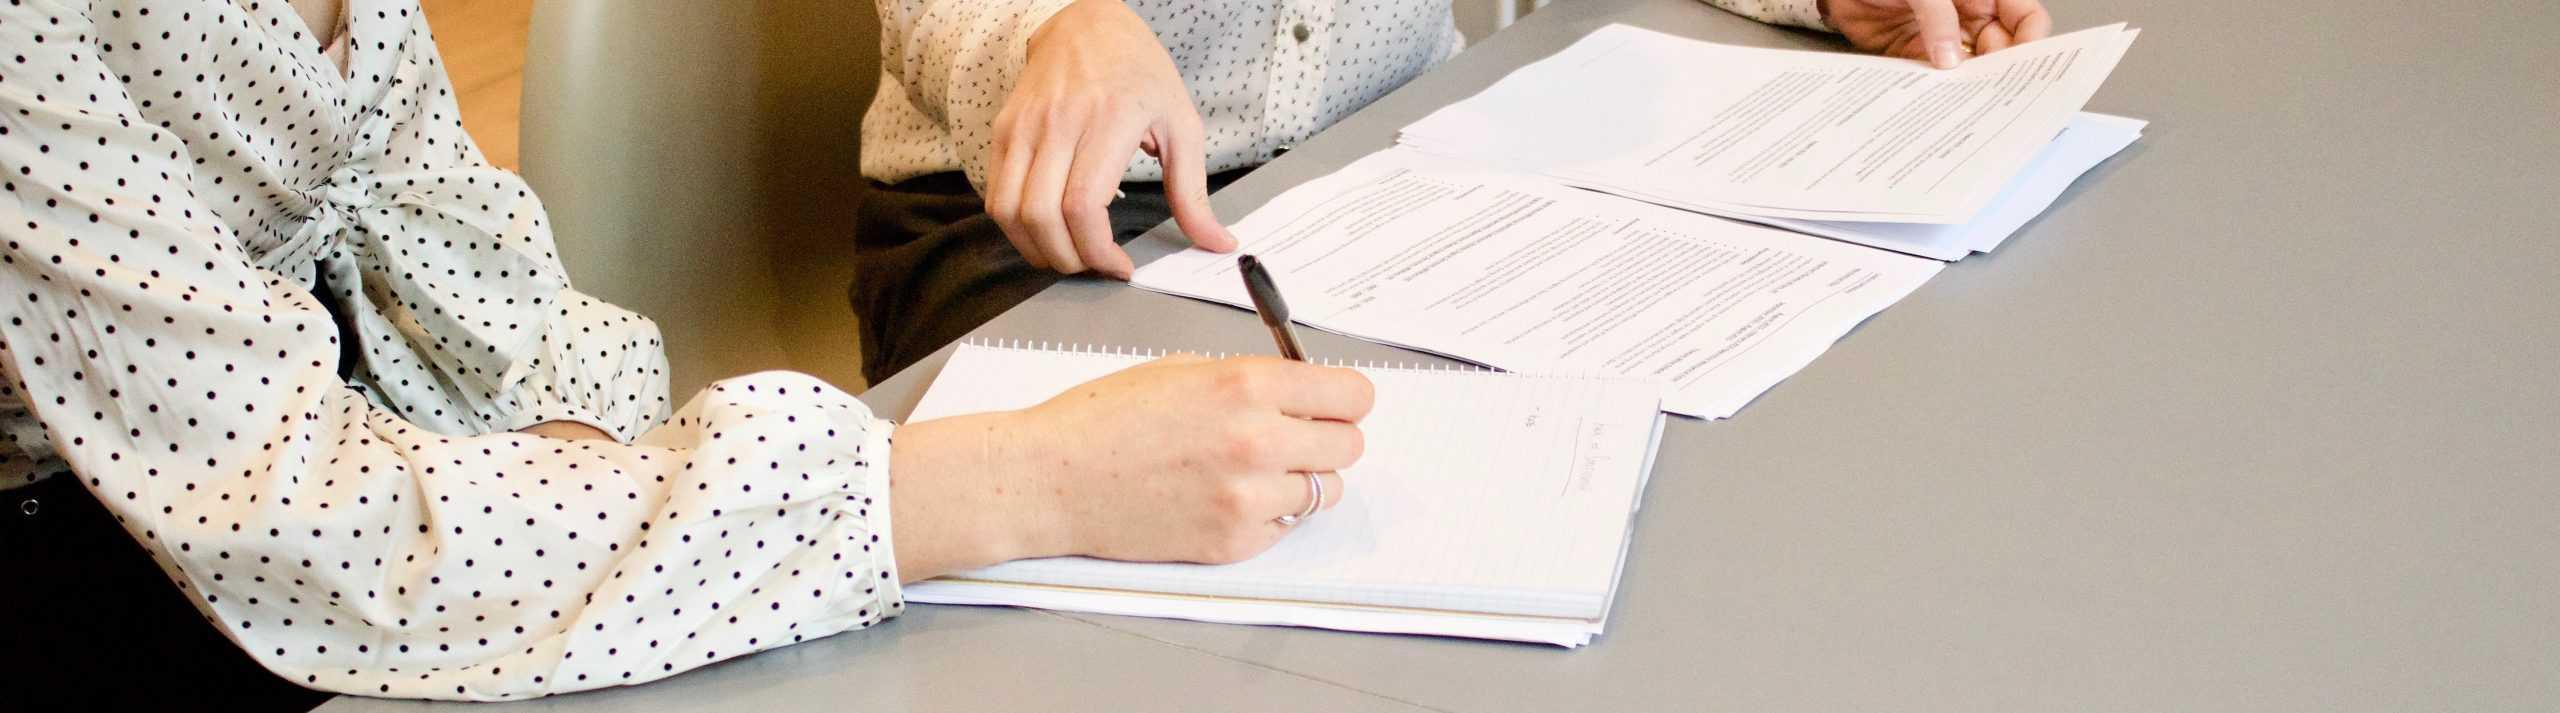 Der Tätigkeitsbericht nach DSGVO für den Datenschutzbeauftragten.